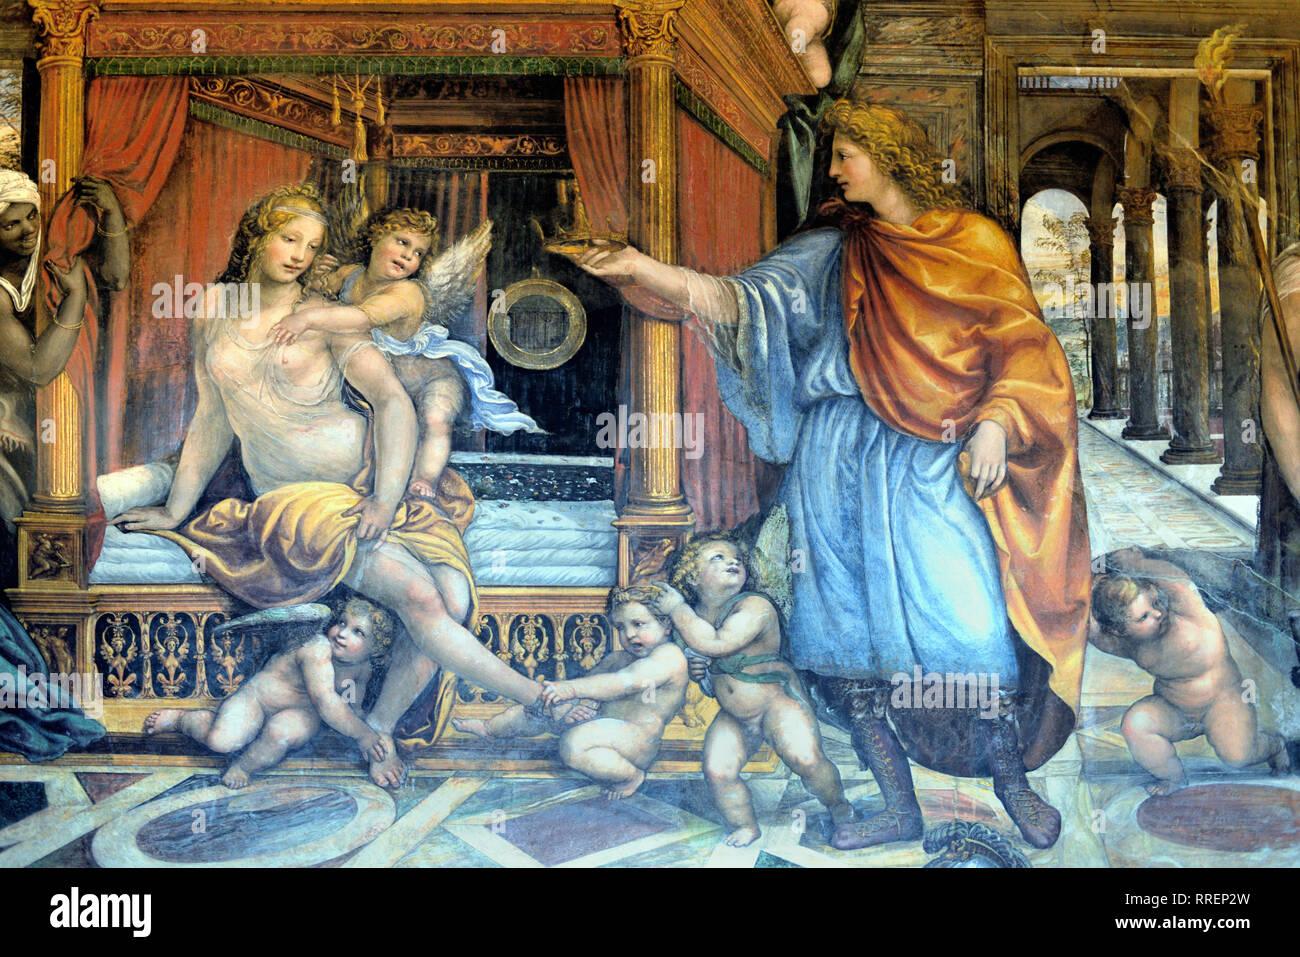 Il matrimonio di Alessandro il Grande & Roxana o Roxane affresco di Giovanni Antonio Bazzi (1519) nella rinascimentale Villa Farnesina Trastevere Roma Italia Immagini Stock